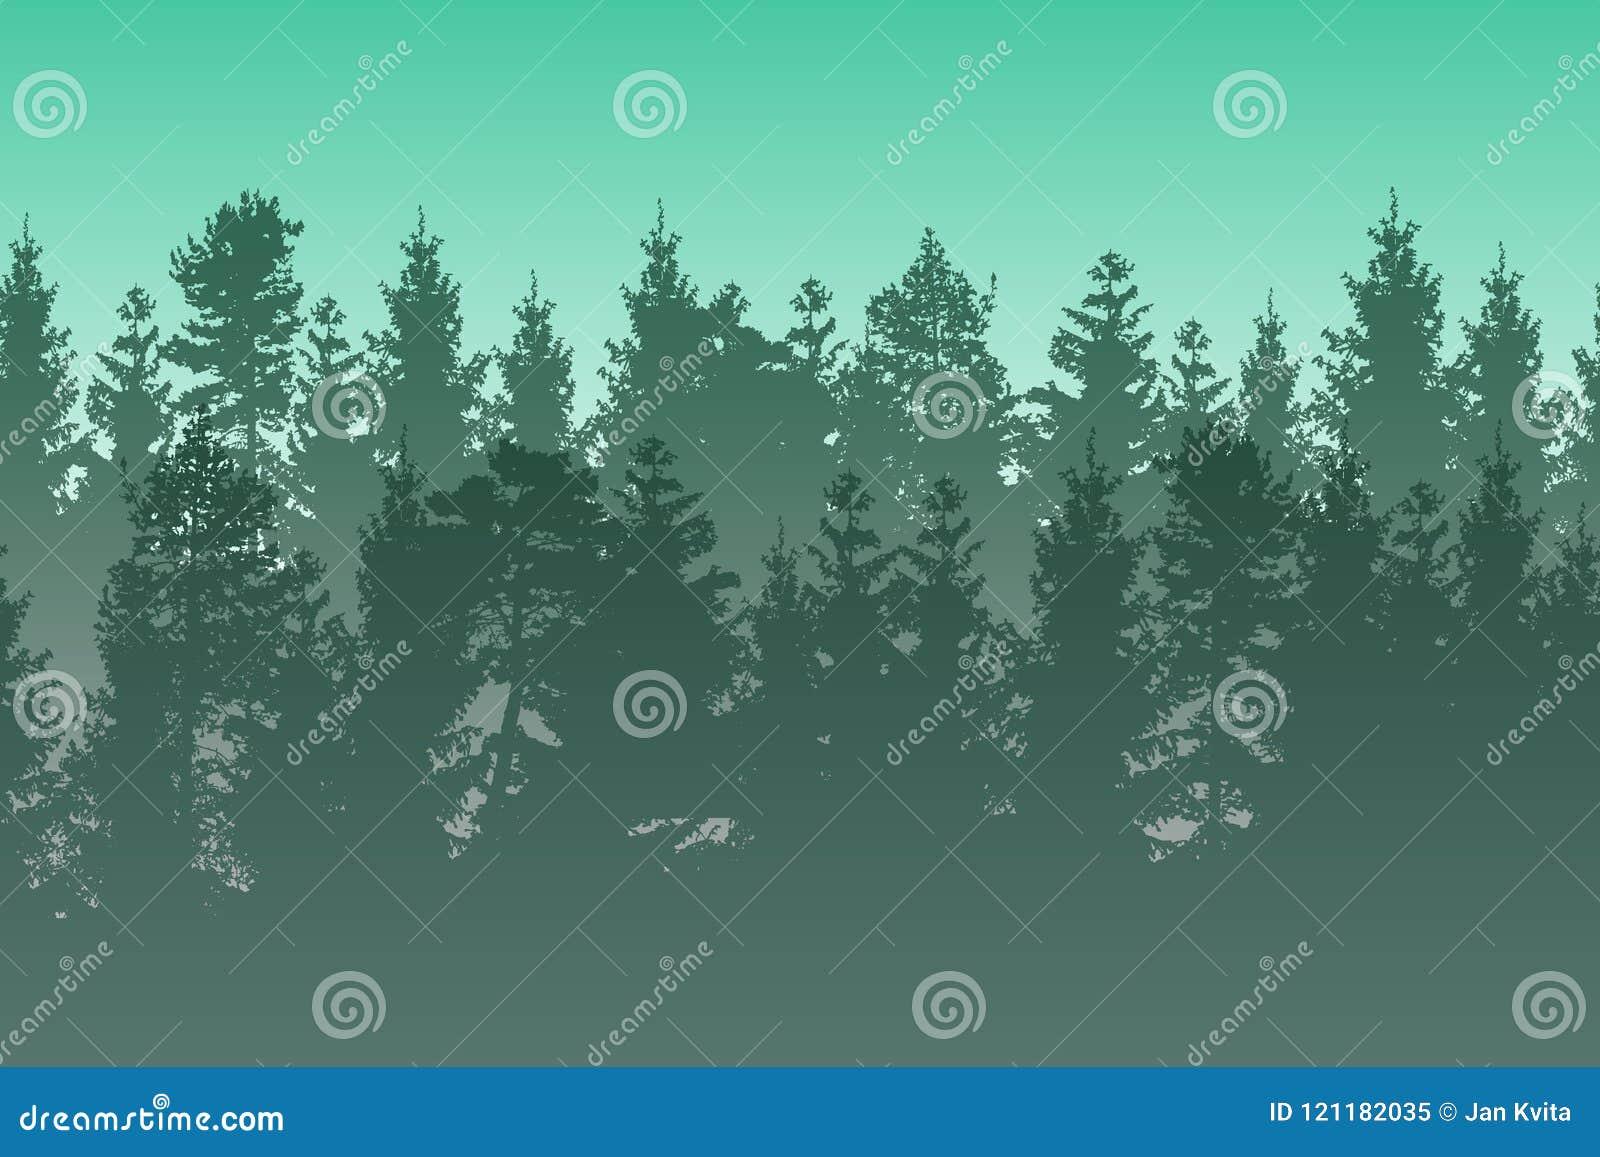 Vector el paisaje con el bosque conífero brumoso acodado verde